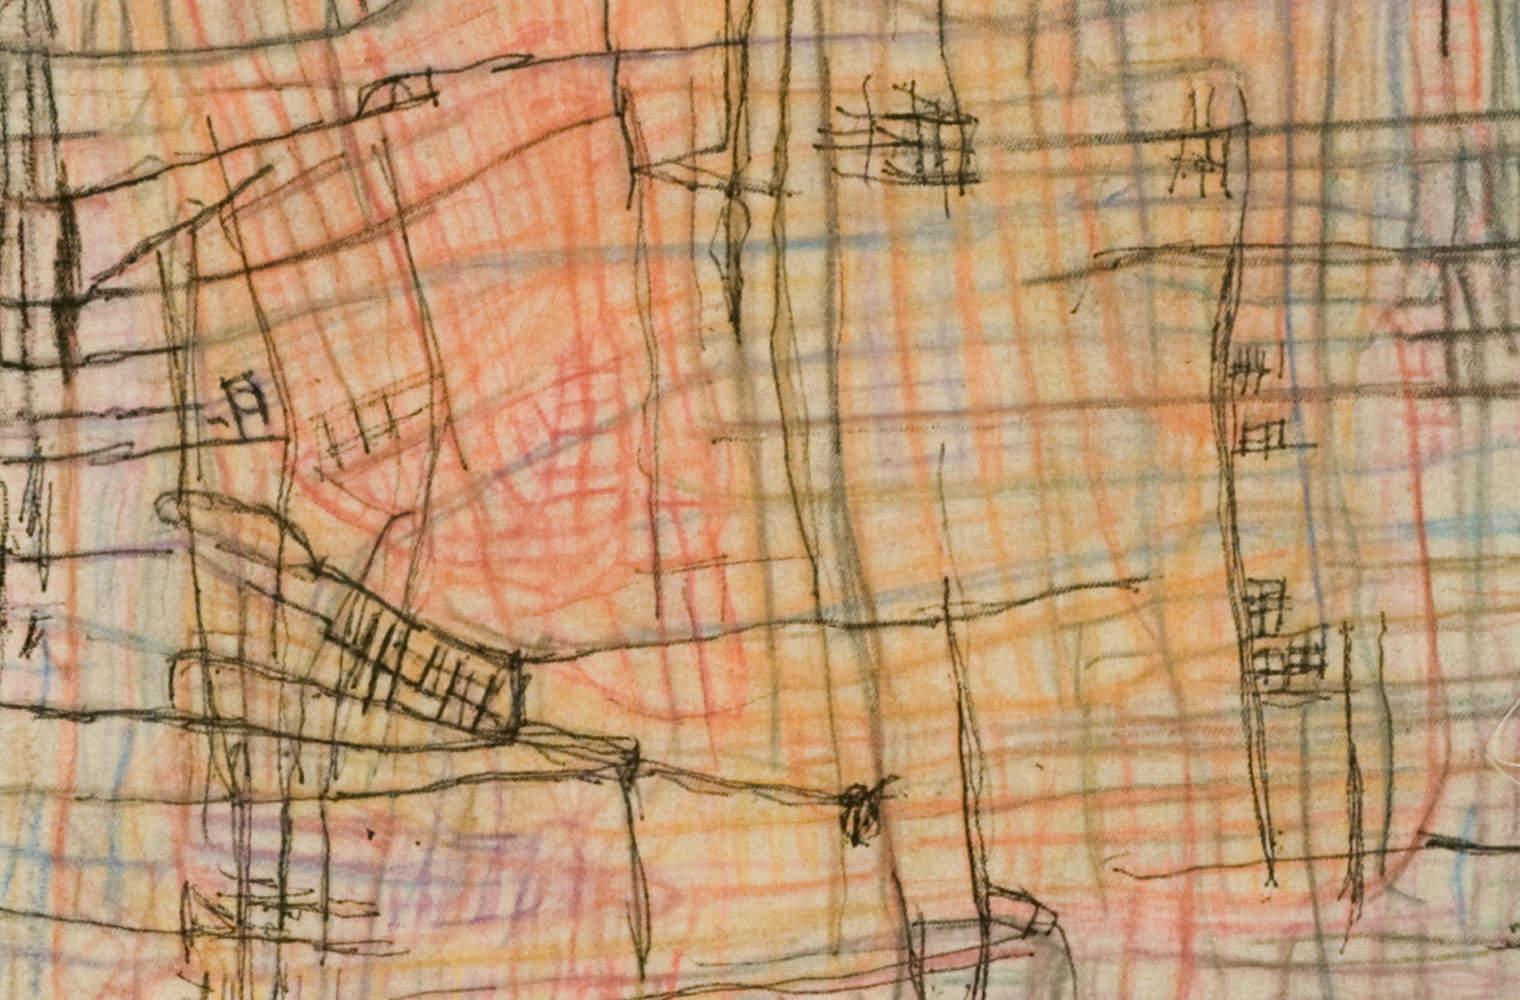 Abstraktes Gemälde von Adolf Beutler